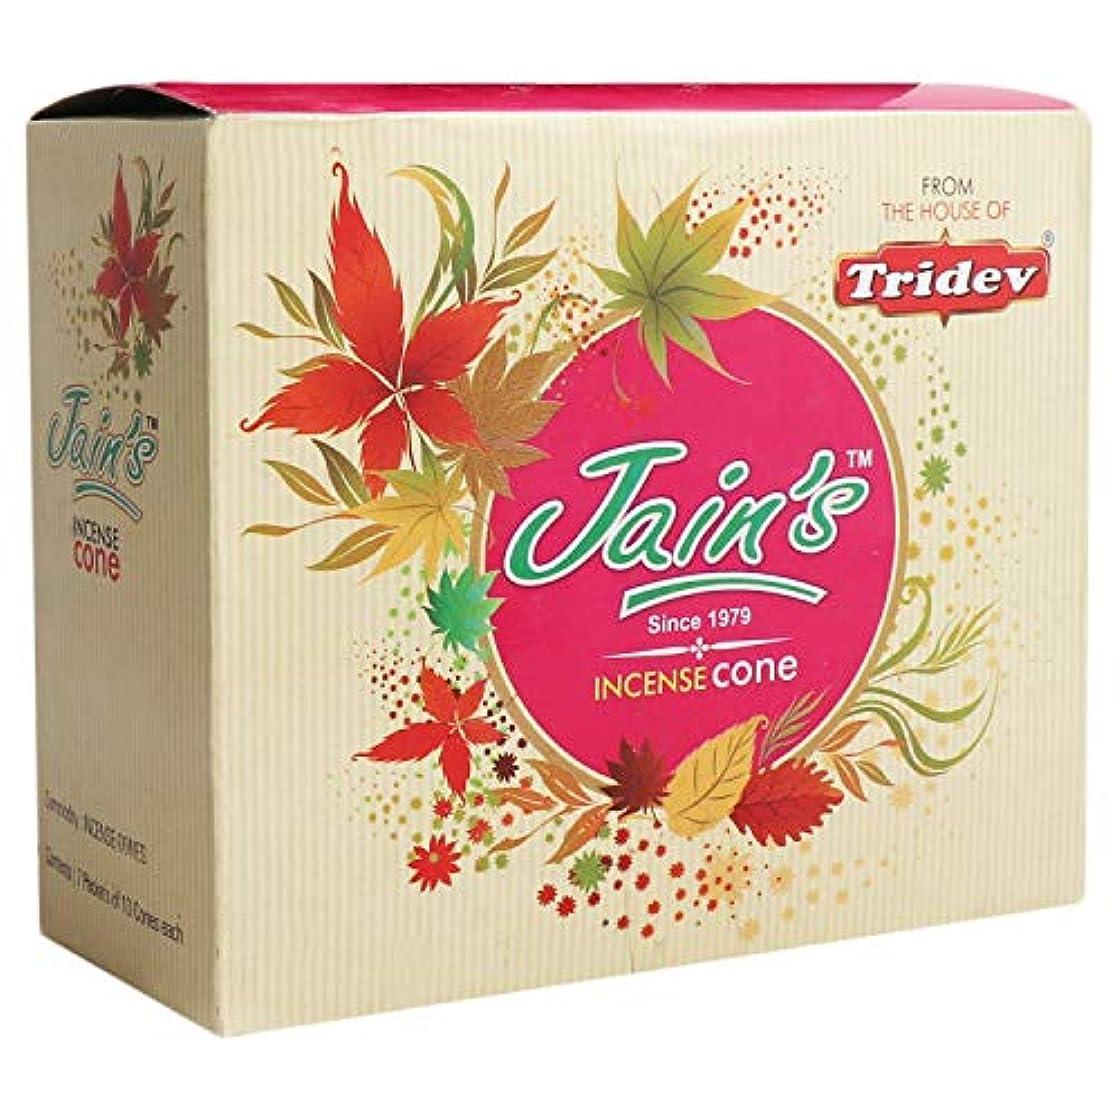 ケイ素エクステント代表団Jain's Assorted Incense Cone/Dhoop Cone Pack of 7 (10 Dhoop Cones Each and 1 Dhoop Stand Per pkt), Organic and...